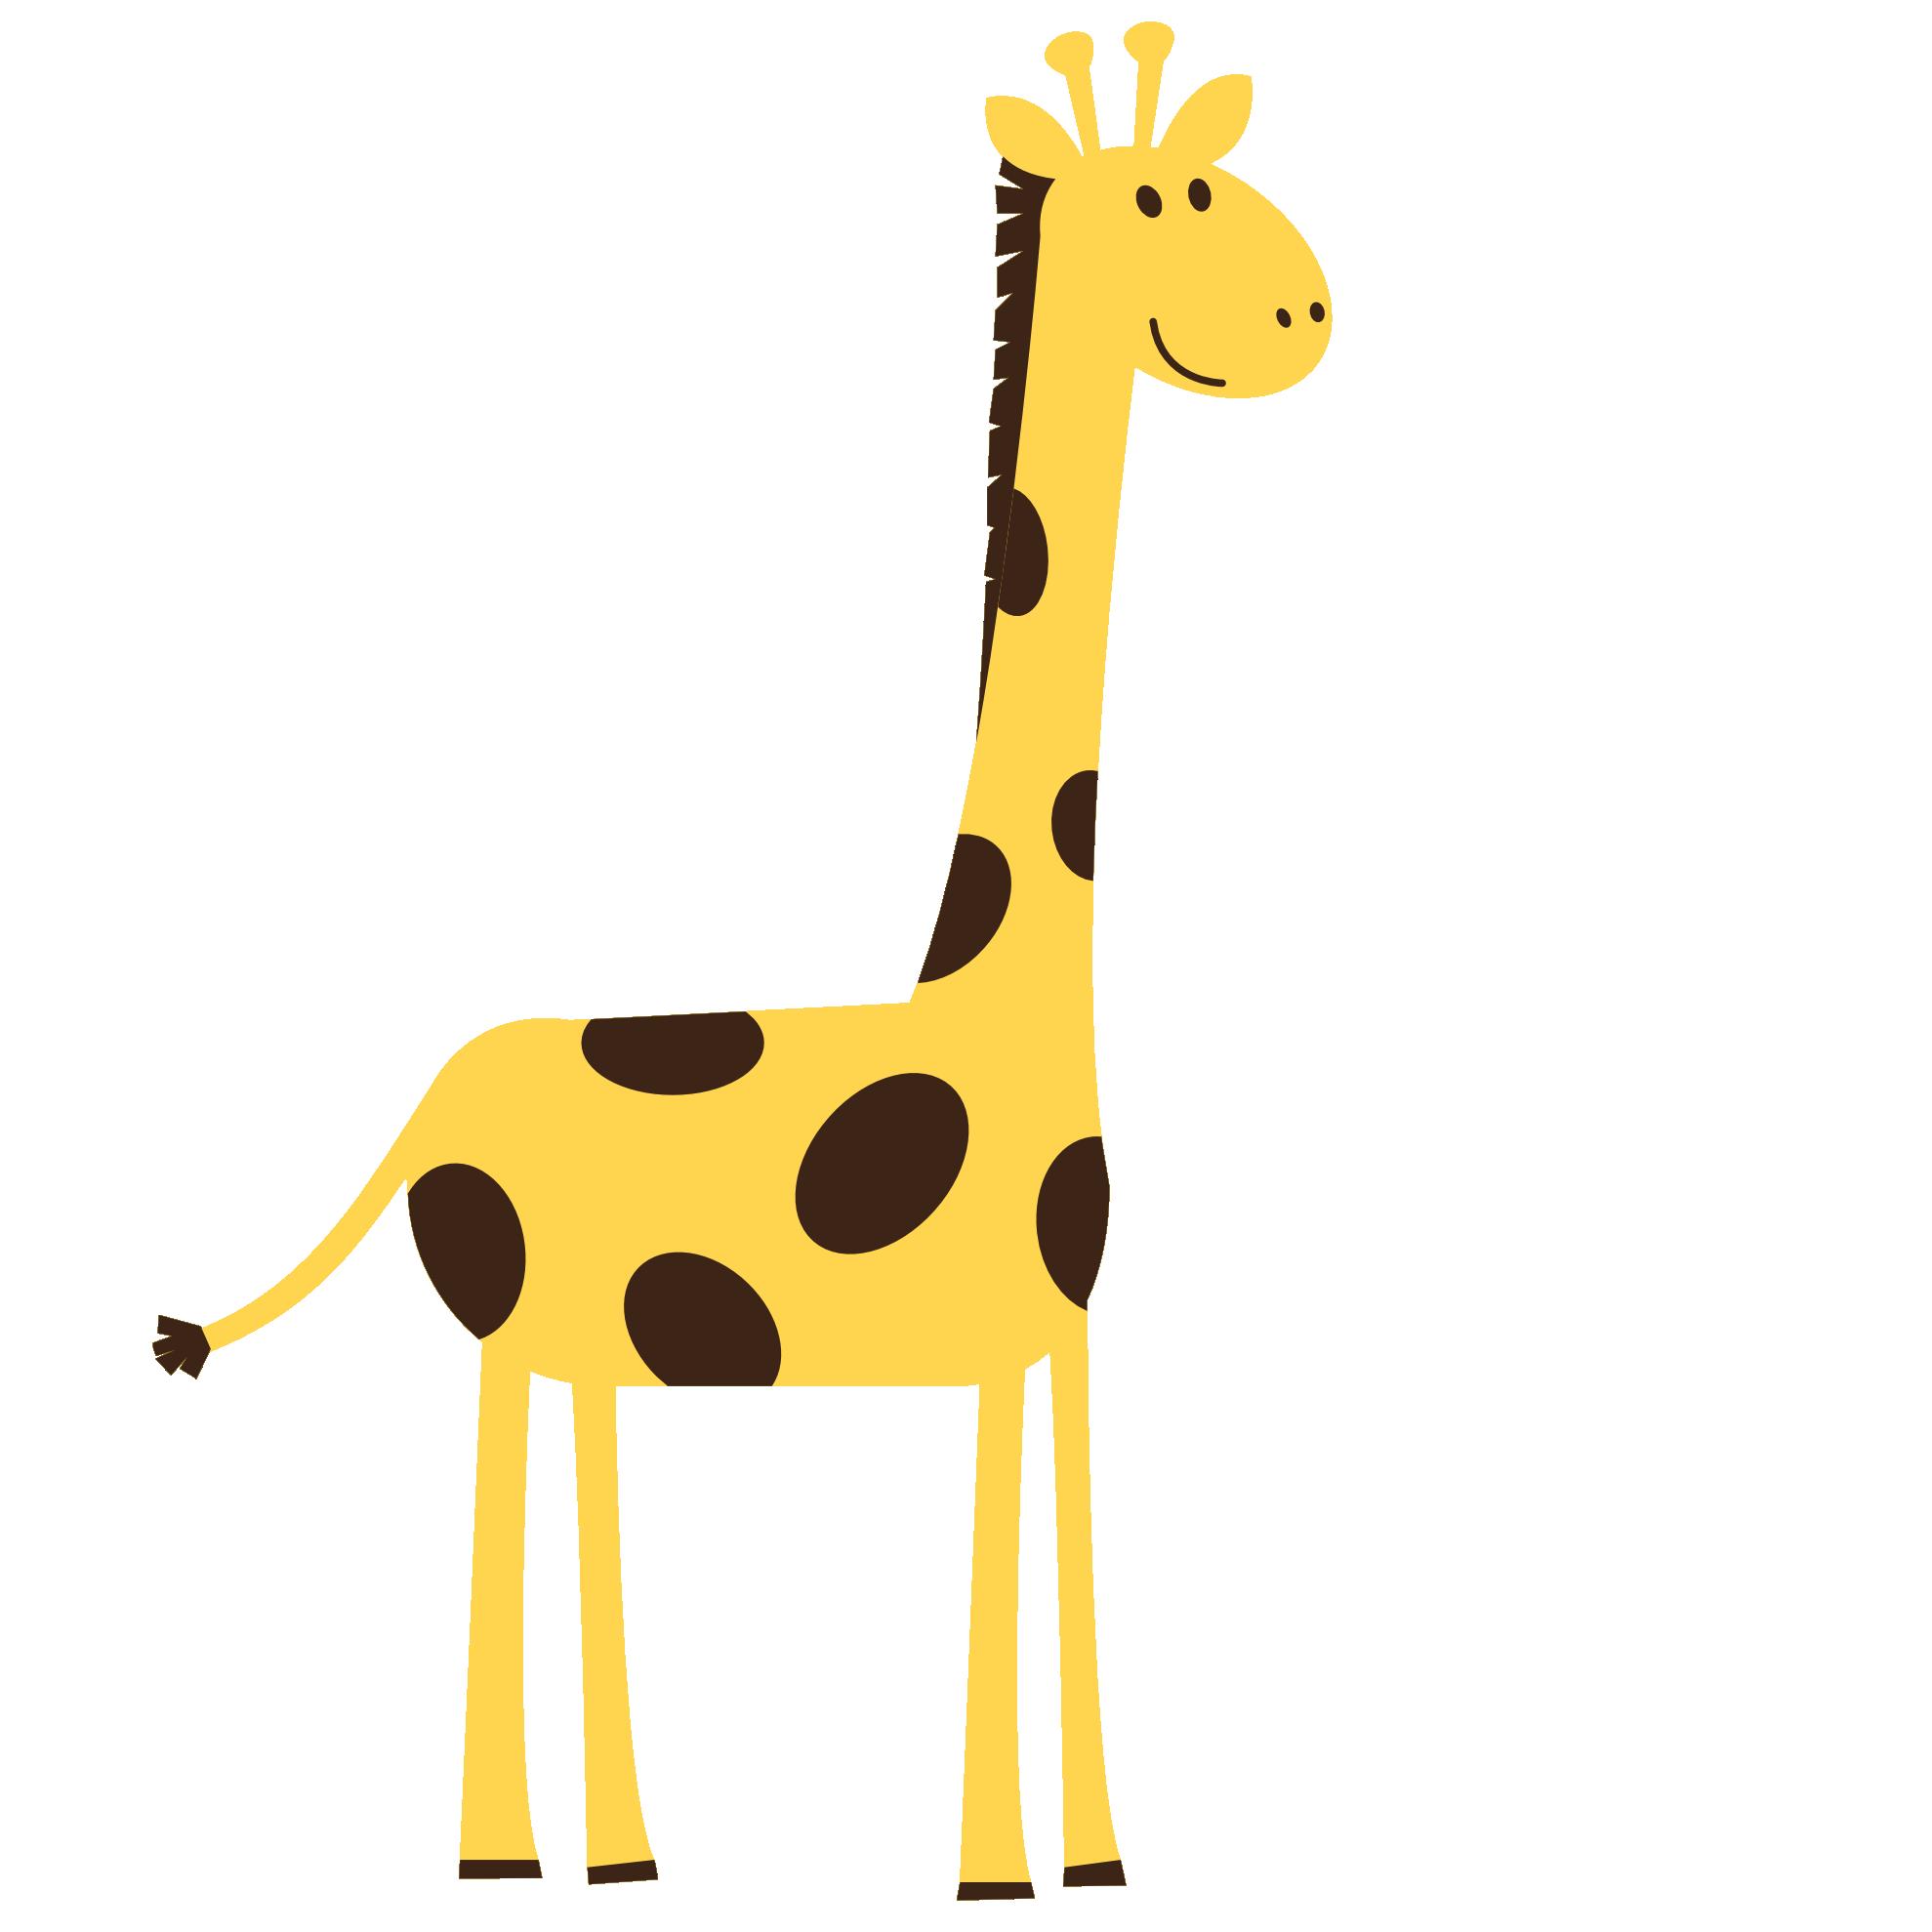 giraffe-clipart-for-kids-giraffe christmas xmas stuffed animal-1979px    Giraffe Clipart For Kids